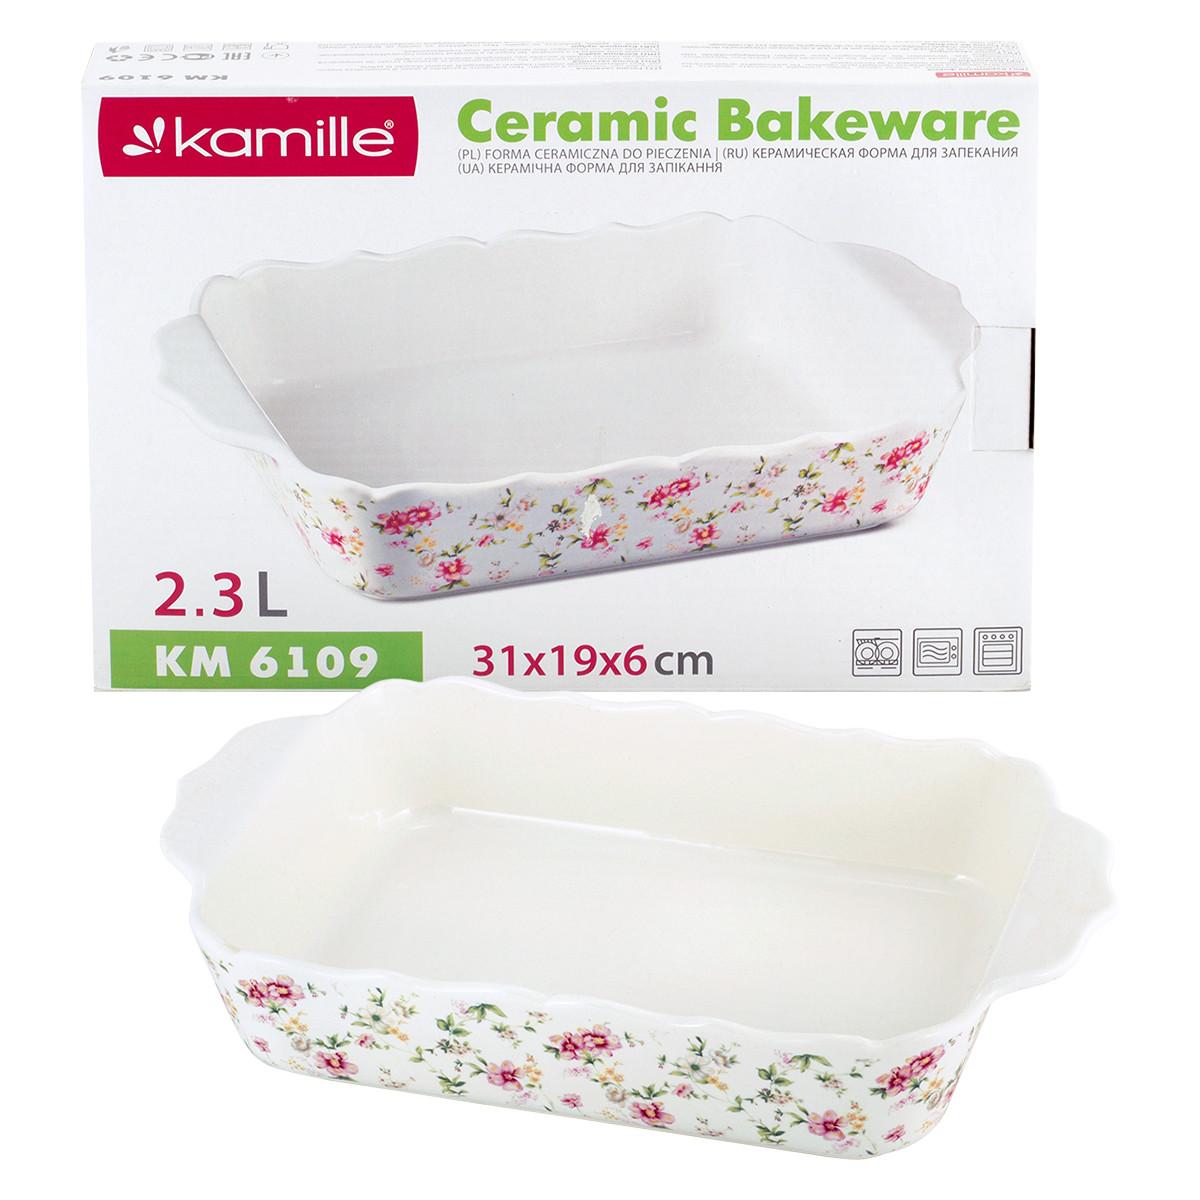 Форма керамічна Kamille для запікання 2.3 л KM-6109